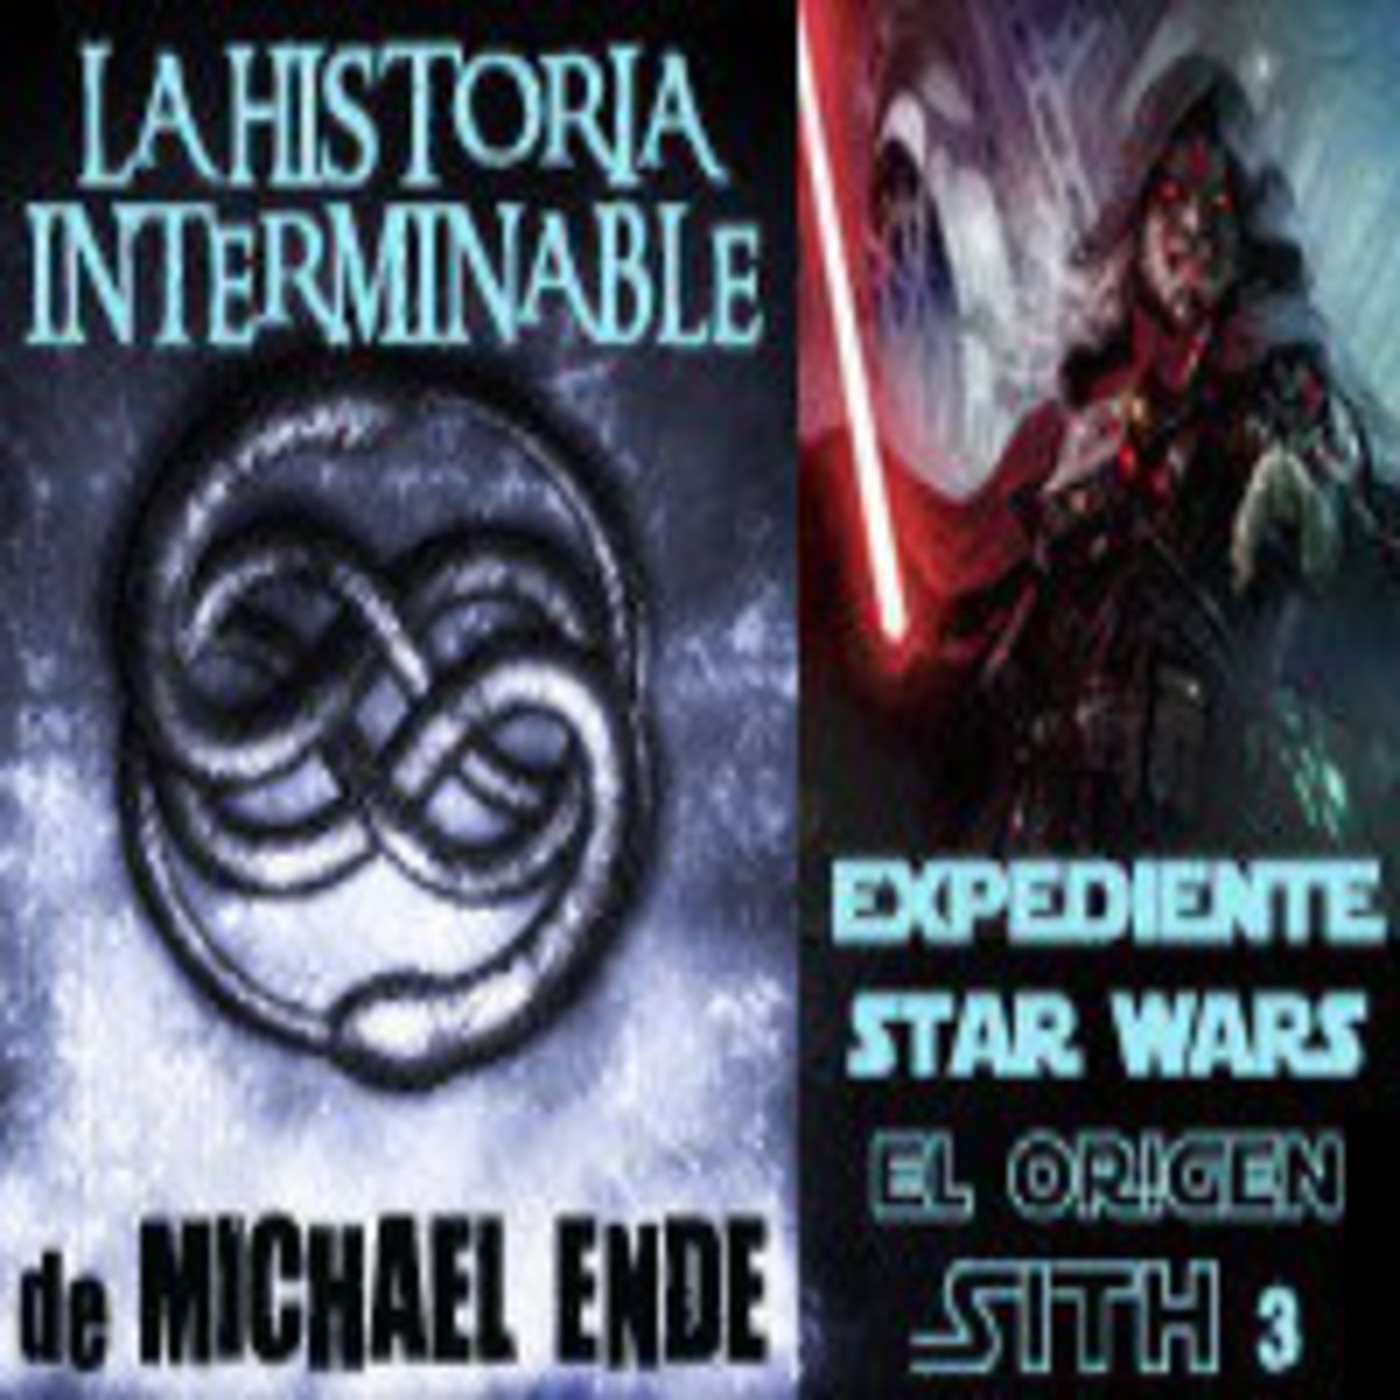 LODE 4x09 La Historia Interminable (libro y film), Expediente Star Wars